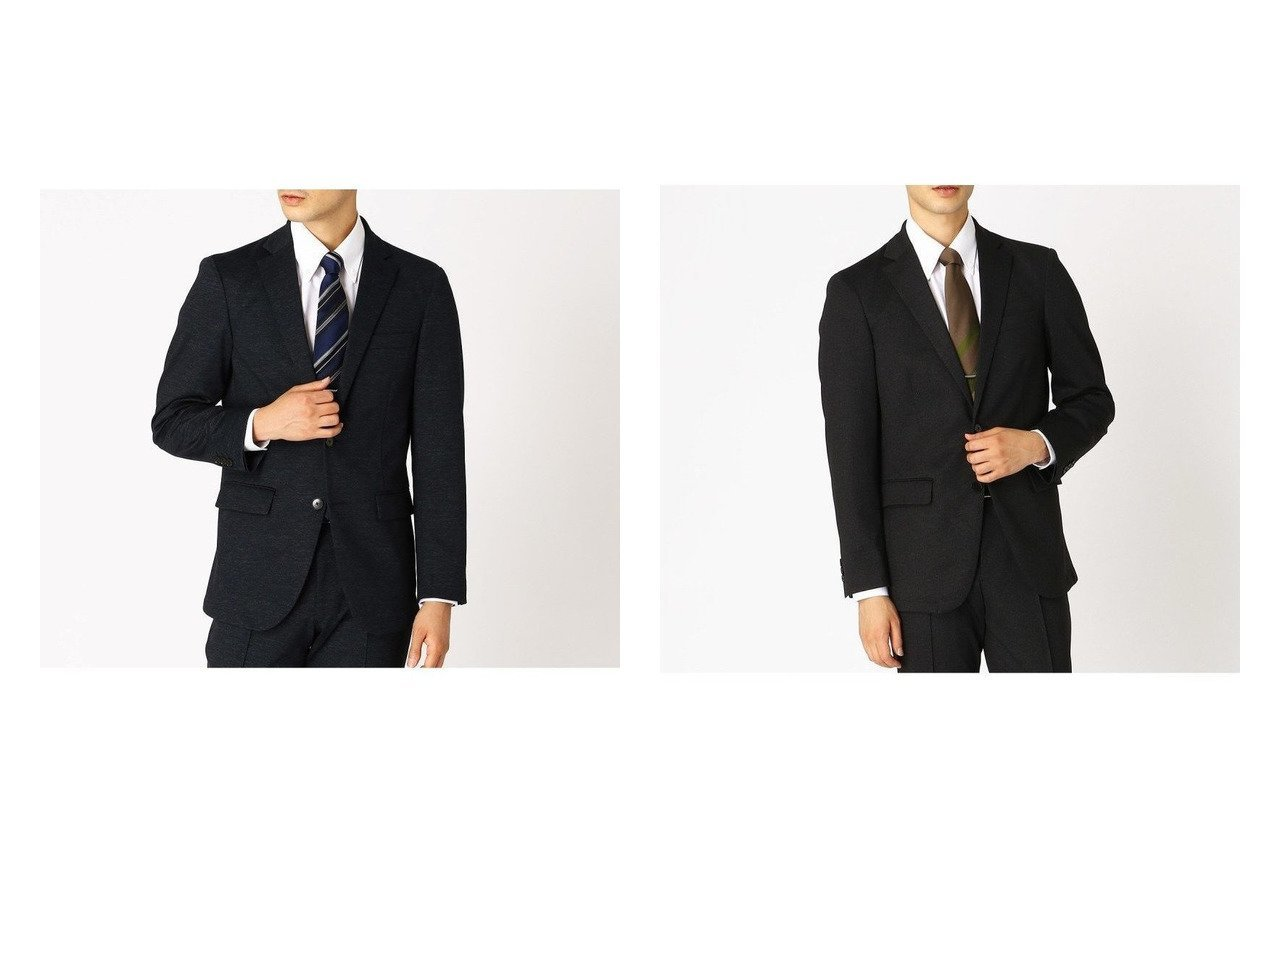 【COMME CA ISM / MEN/コムサイズム】のセットアップ対応 デニムライク ジャージー テーラードジャケット 【MEN】おすすめ!人気トレンド・男性、メンズファッションの通販 おすすめで人気の流行・トレンド、ファッションの通販商品 メンズファッション・キッズファッション・インテリア・家具・レディースファッション・服の通販 founy(ファニー) https://founy.com/ ファッション Fashion メンズファッション MEN セットアップ Setup/Men 軽量 ジャケット ジャージー スーツ セットアップ デニム フォーマル フランス プリント ベーシック ポケット メッシュ  ID:crp329100000028993